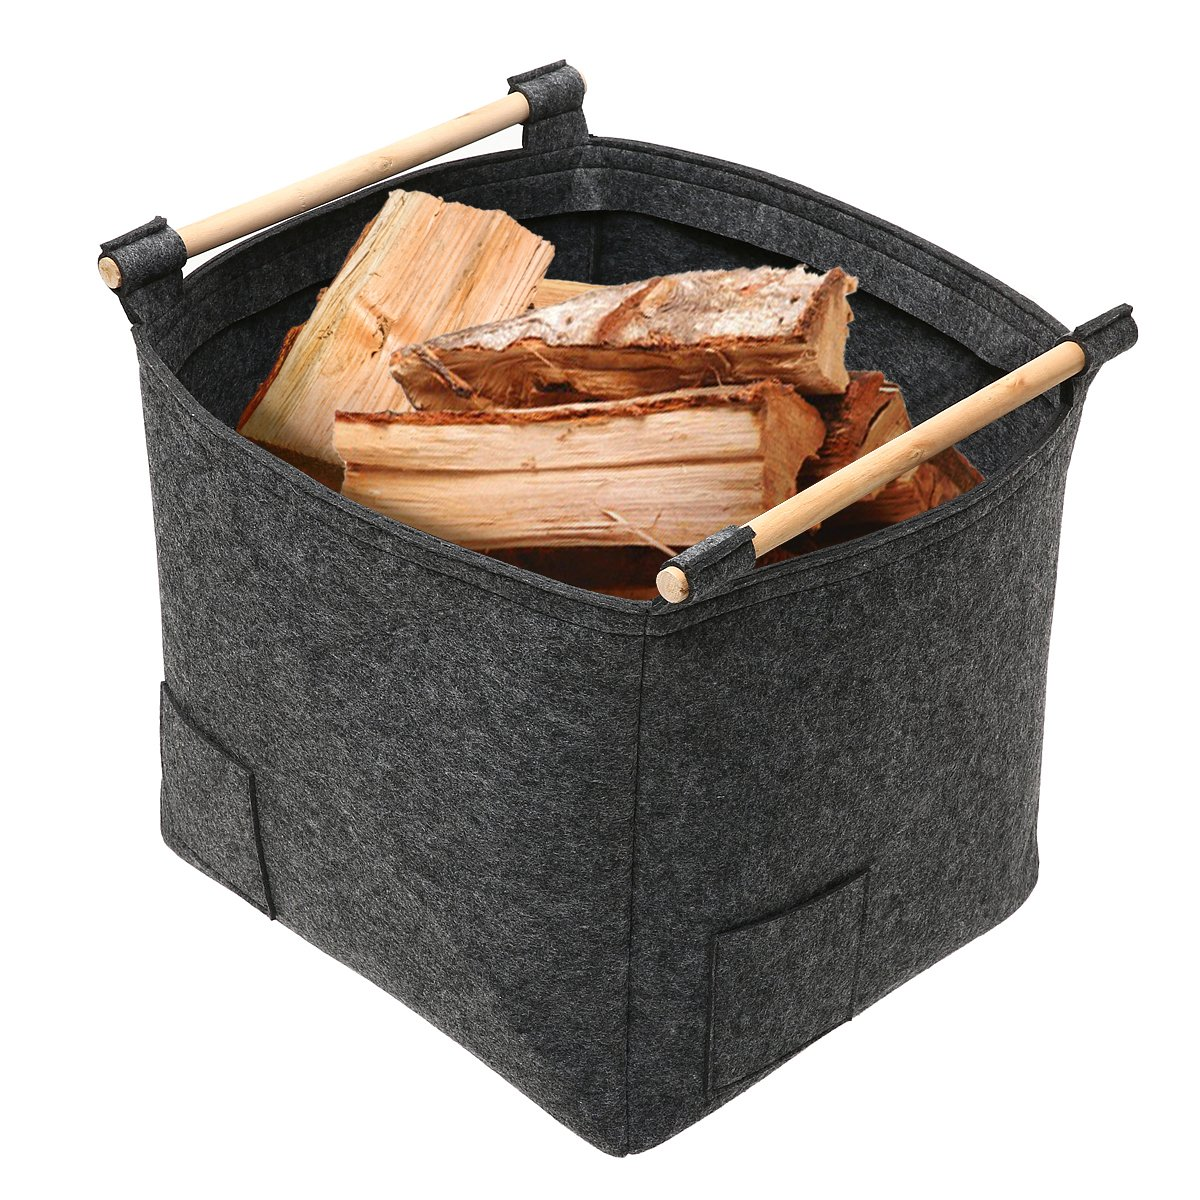 Cesta para leñ a, essort Chimenea Madera Cesta rectangular, funda de fieltro para leñ a, revistero para madera, leñ a Cesta, multiusos cesta para leñ a funda de fieltro para leña leña Cesta multiusos cesta para leña